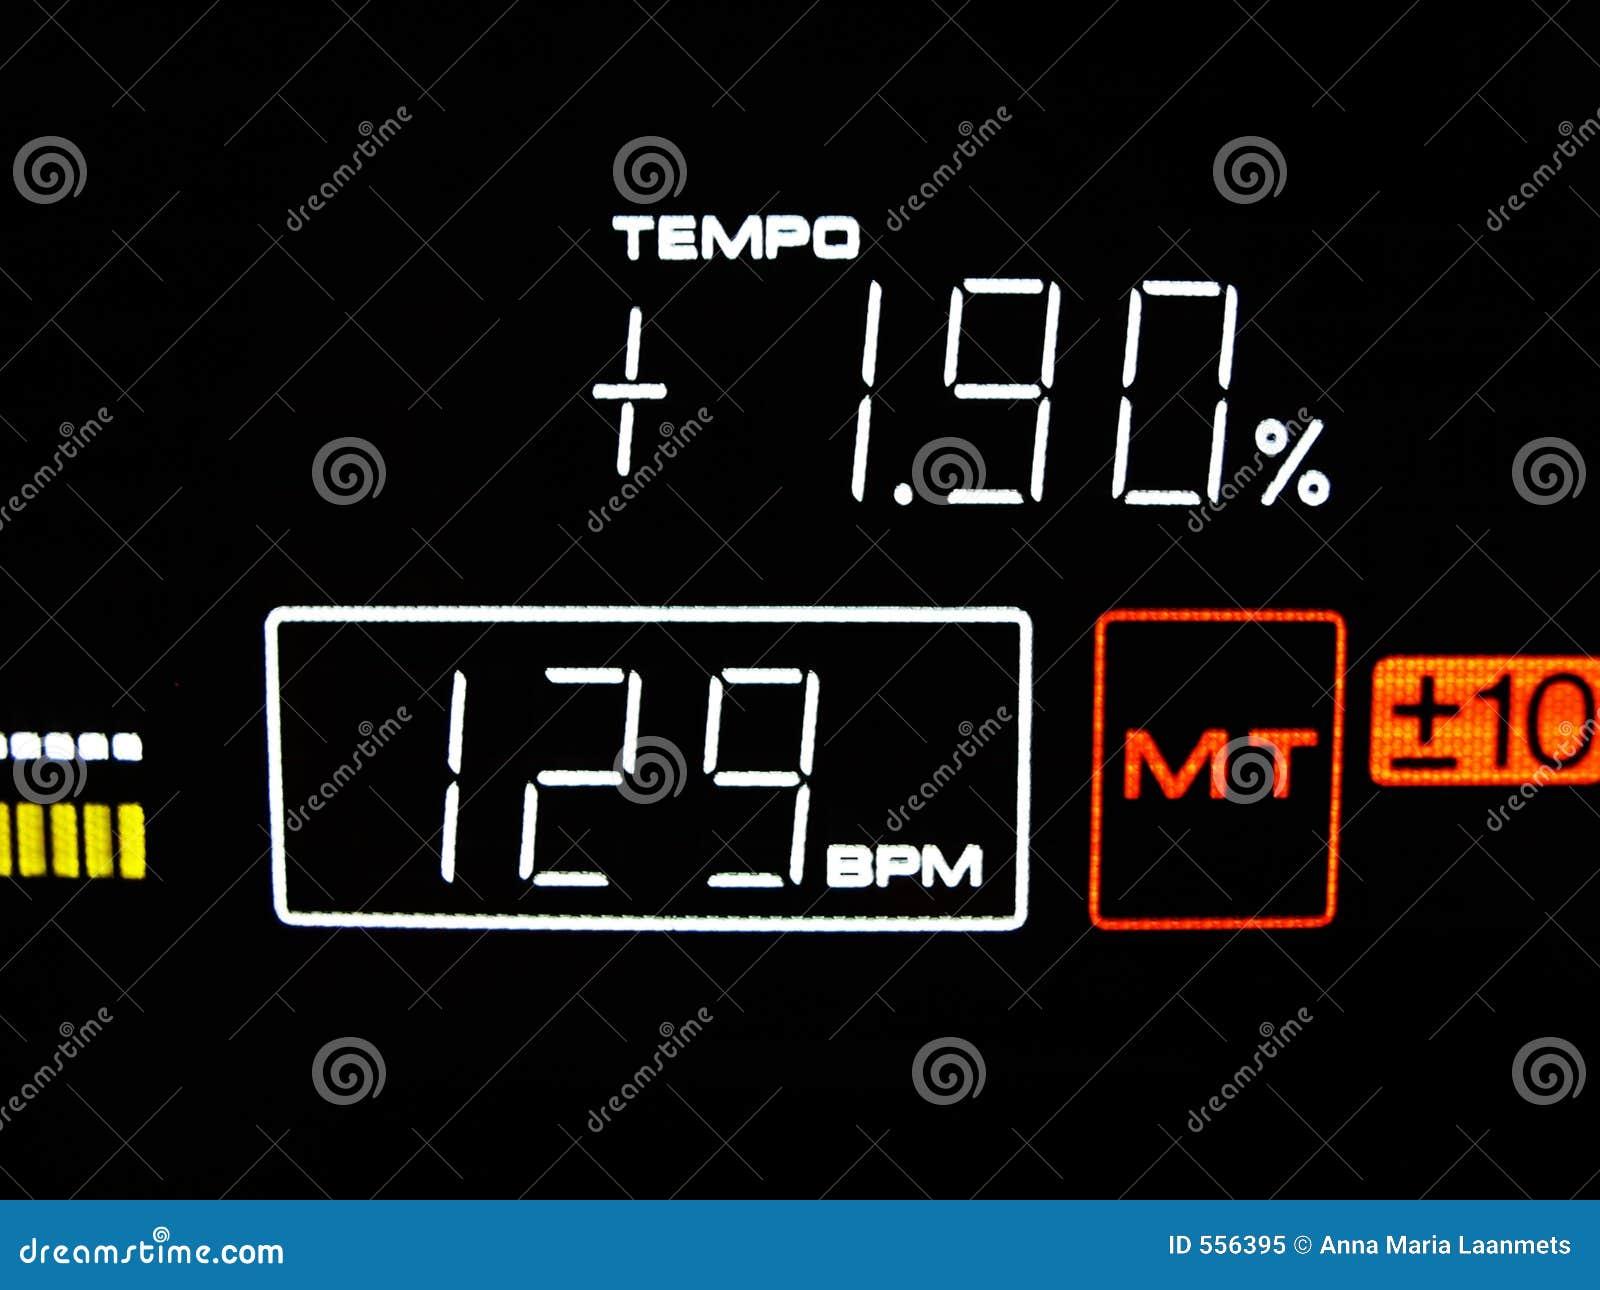 Le tempo est 129 BPM